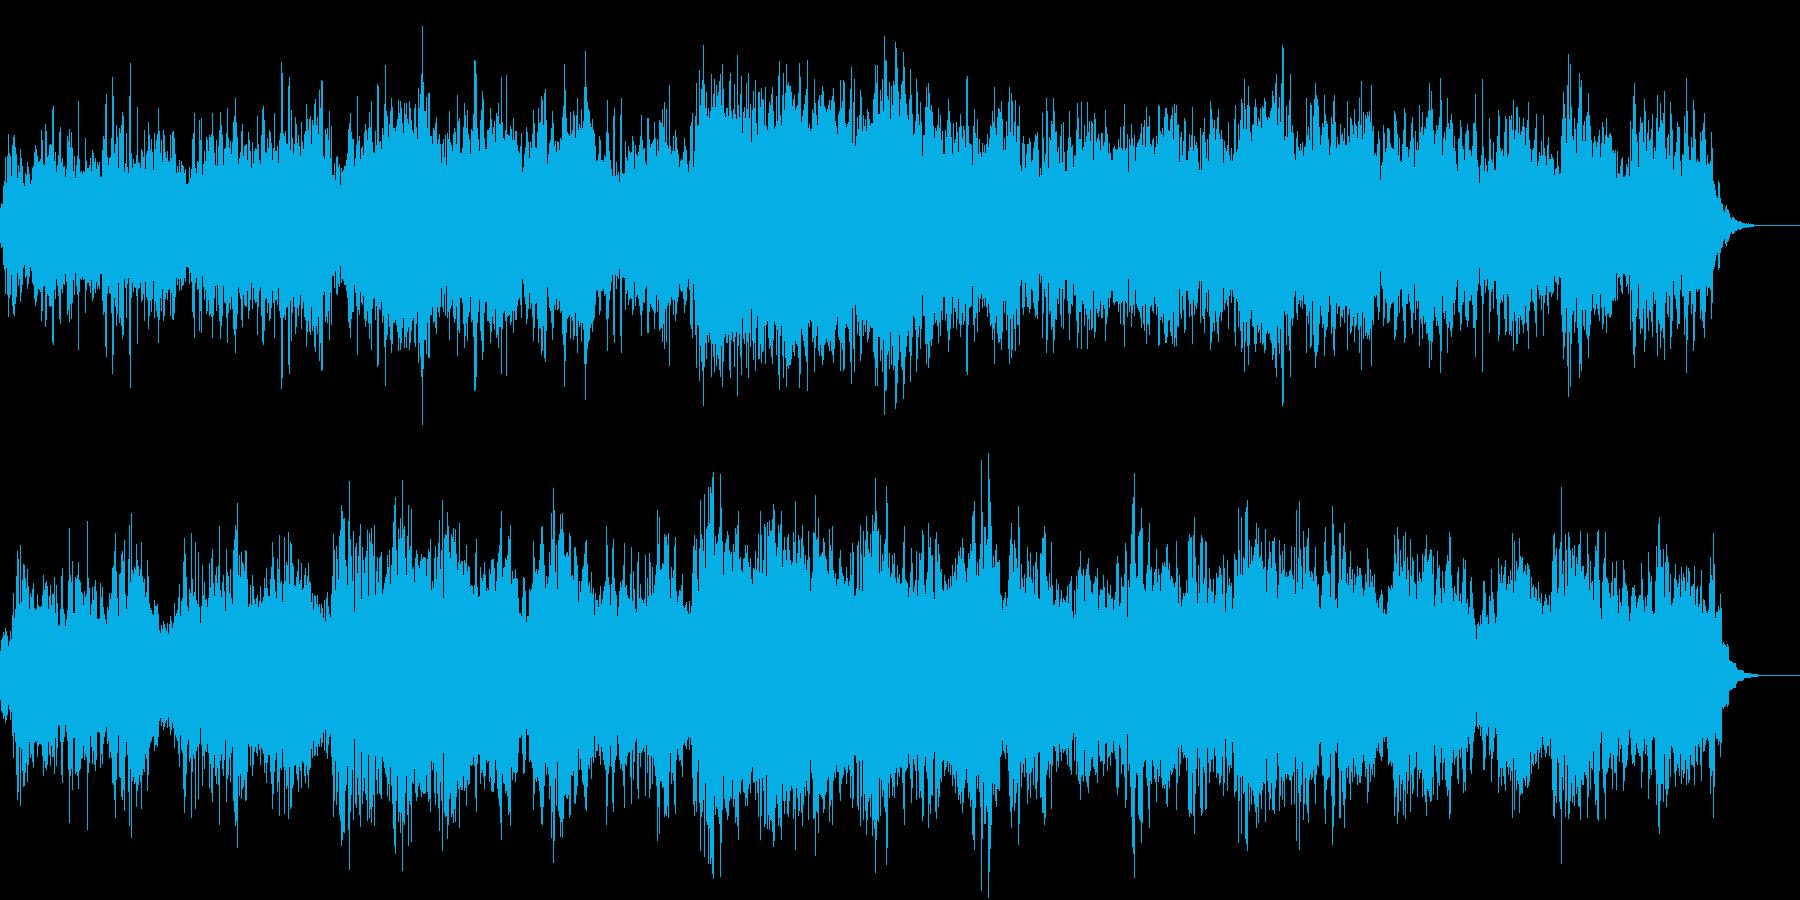 宇宙と神秘的な幻想曲の再生済みの波形